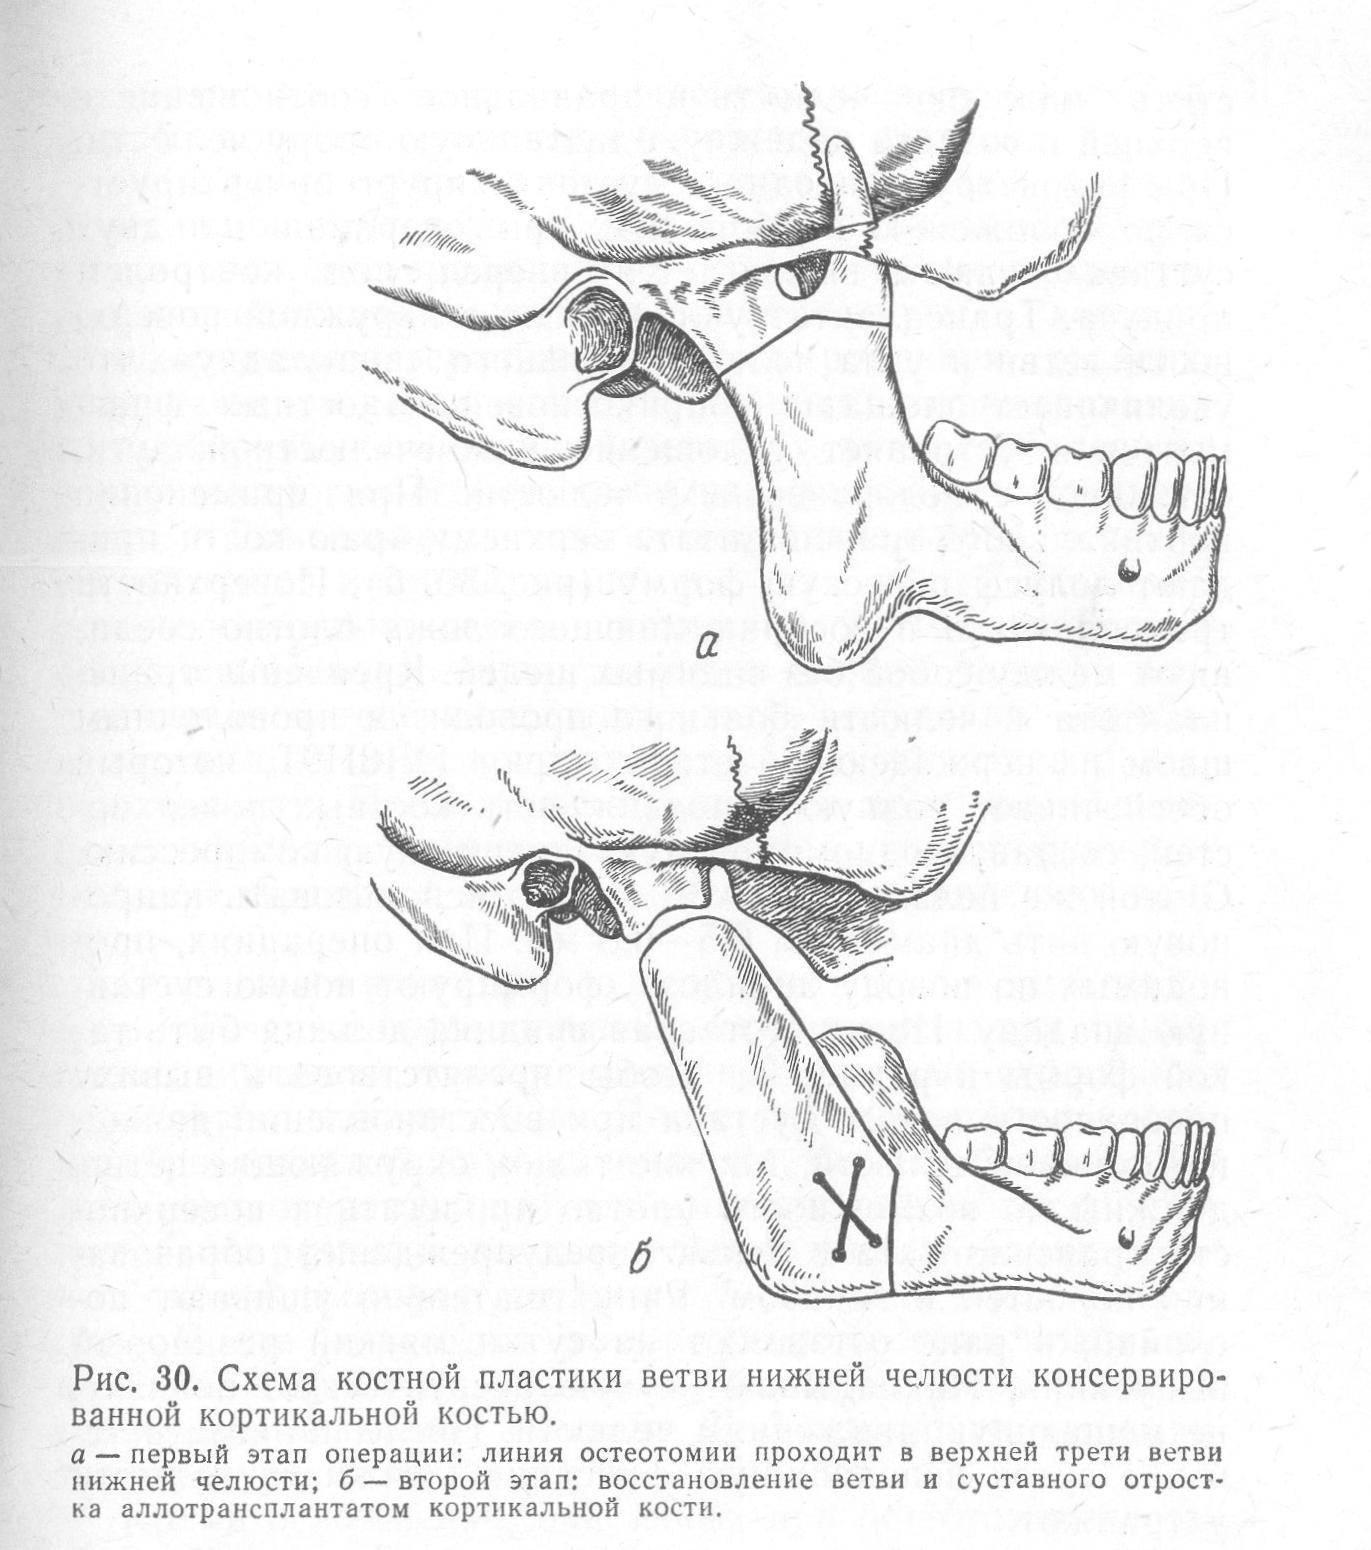 Как делают септопластику носа: подготовка и проведение операции